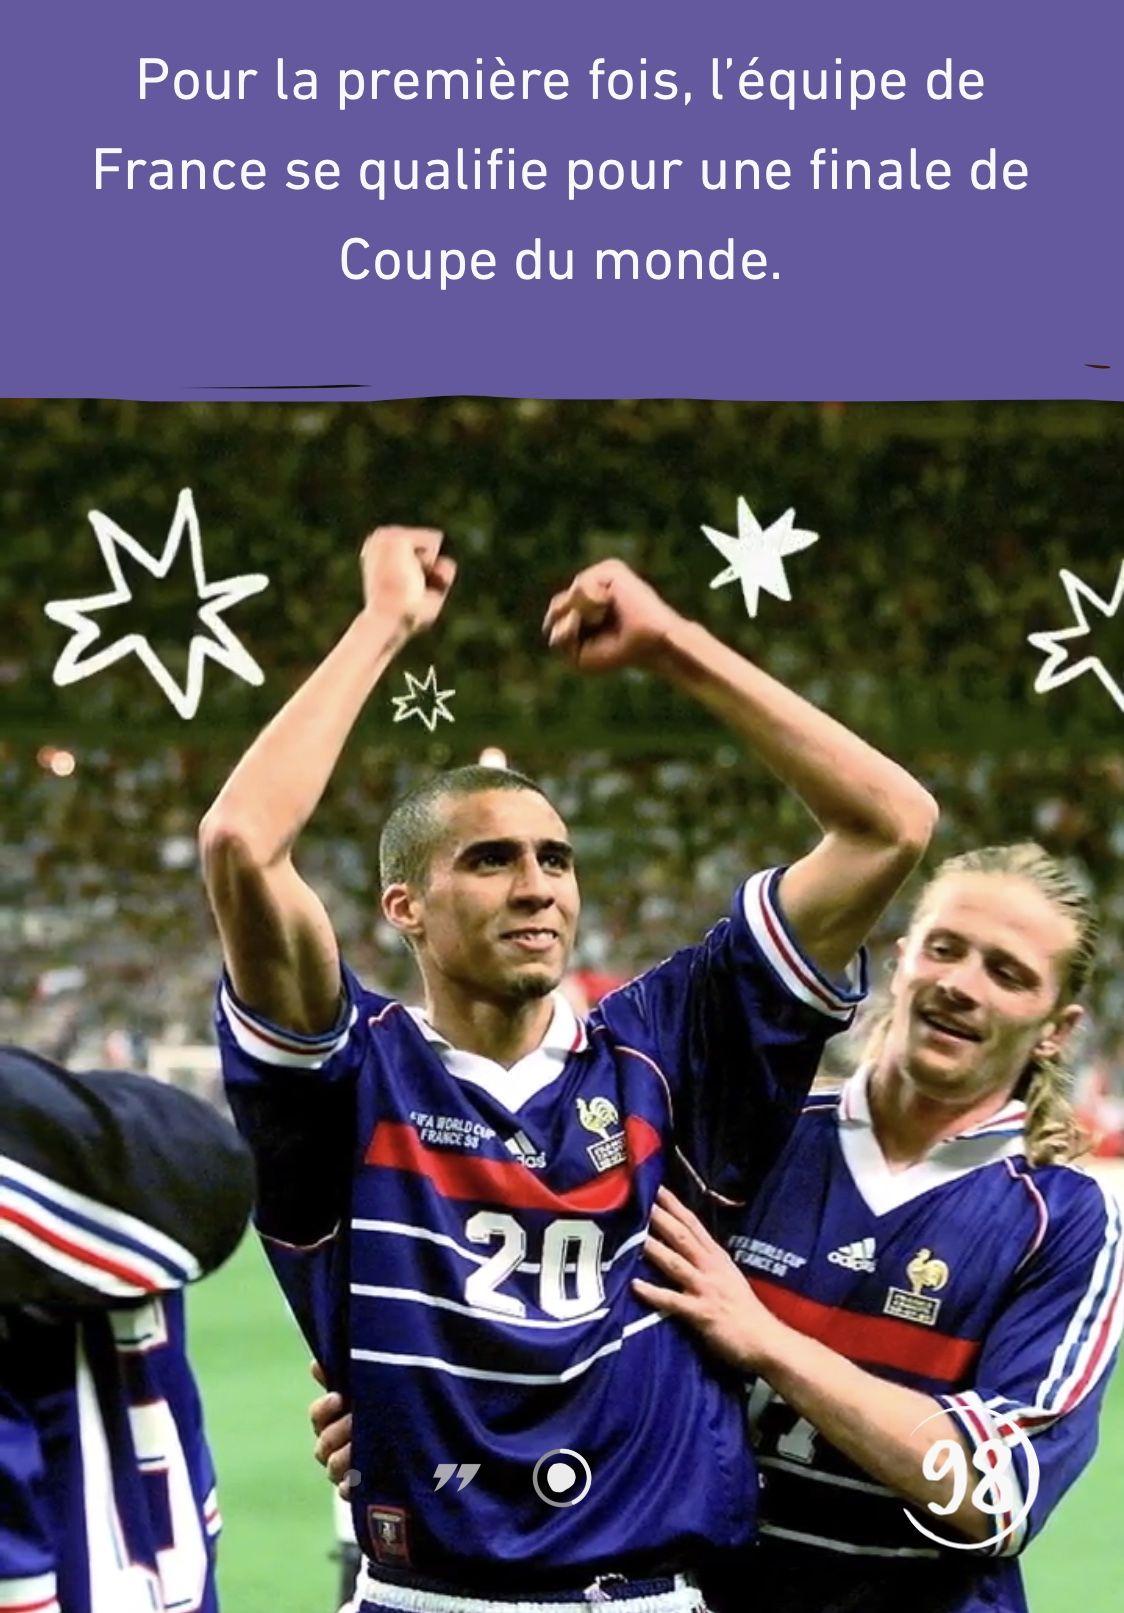 france 21 croatia en 2020 Équipe de france, Coupe du